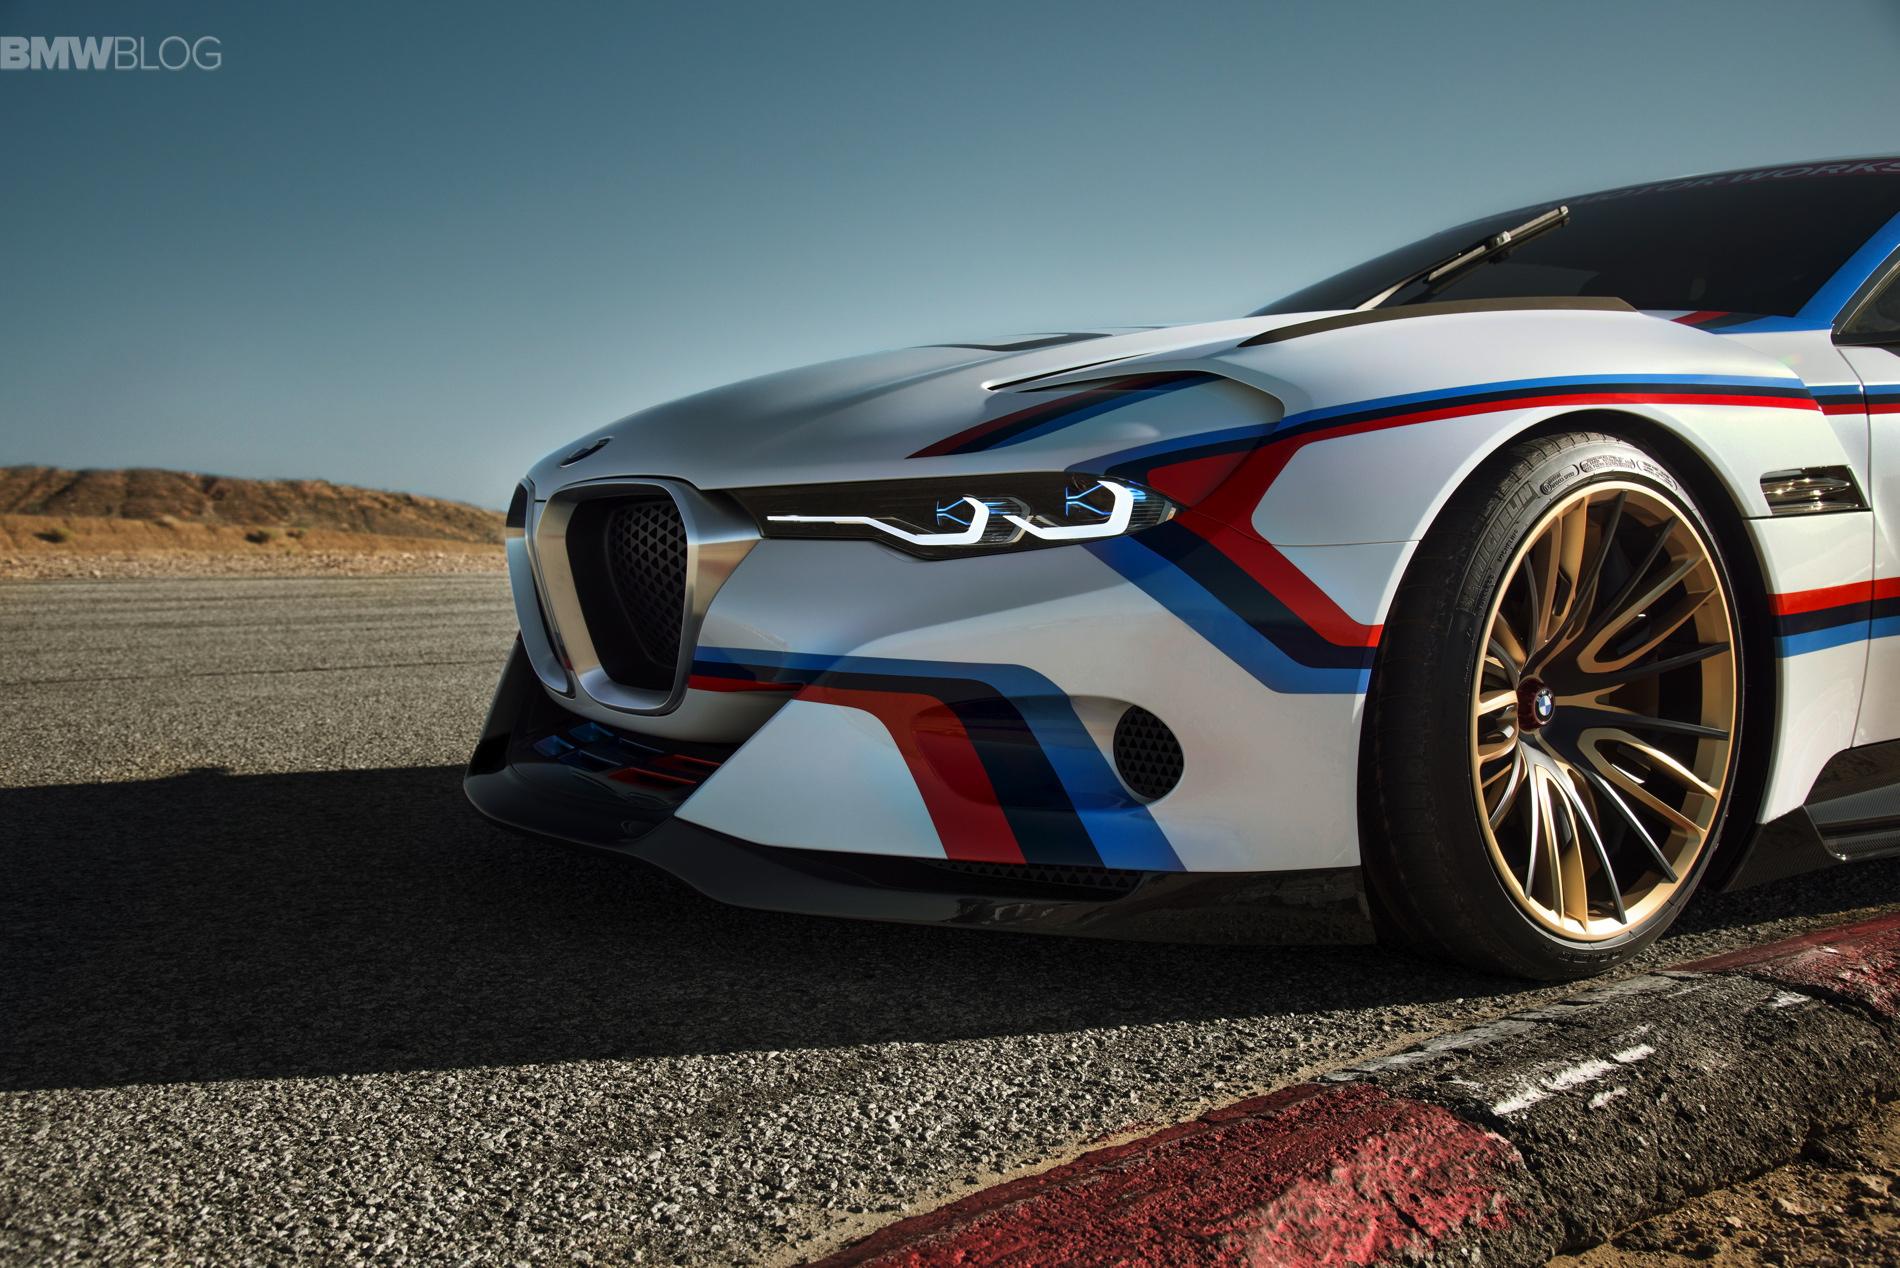 BMW 3.0 Csl >> WORLD PREMIERE: BMW 3.0 CSL Hommage R